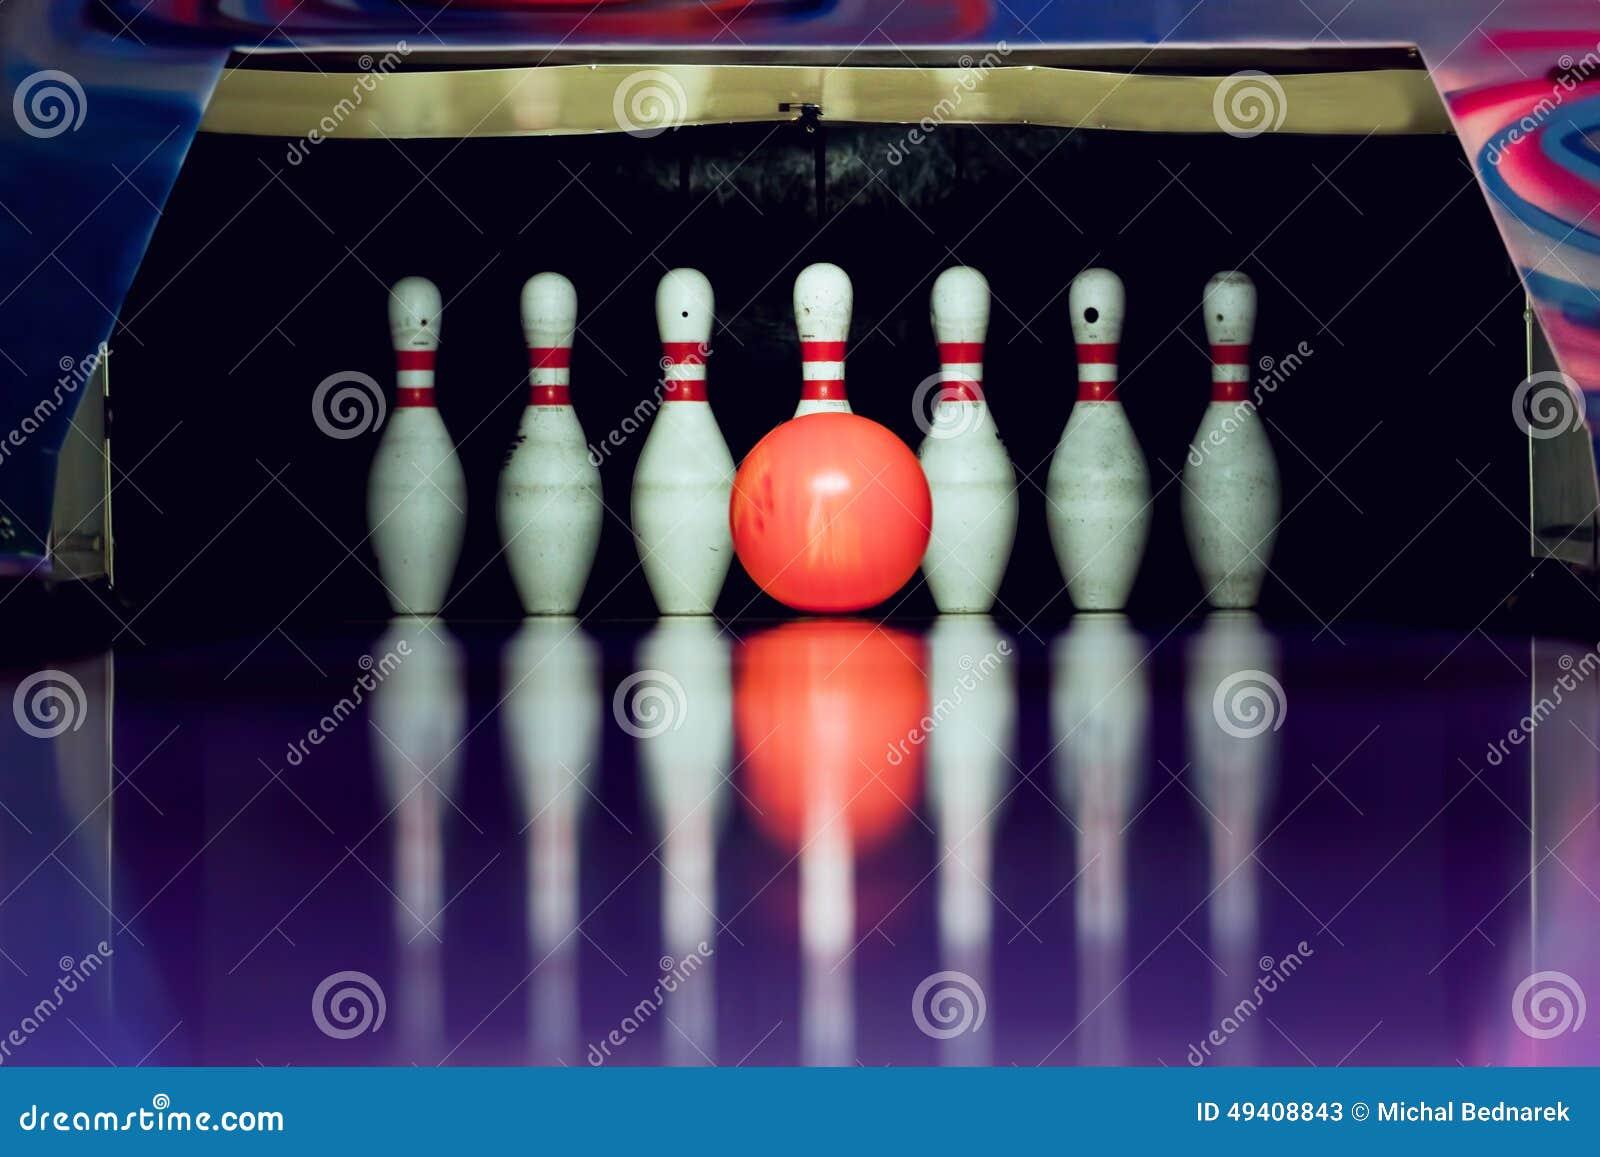 Download Bowlingspiel Ball Wird Kegel Schlagen Stockbild - Bild von niemand, spiel: 49408843